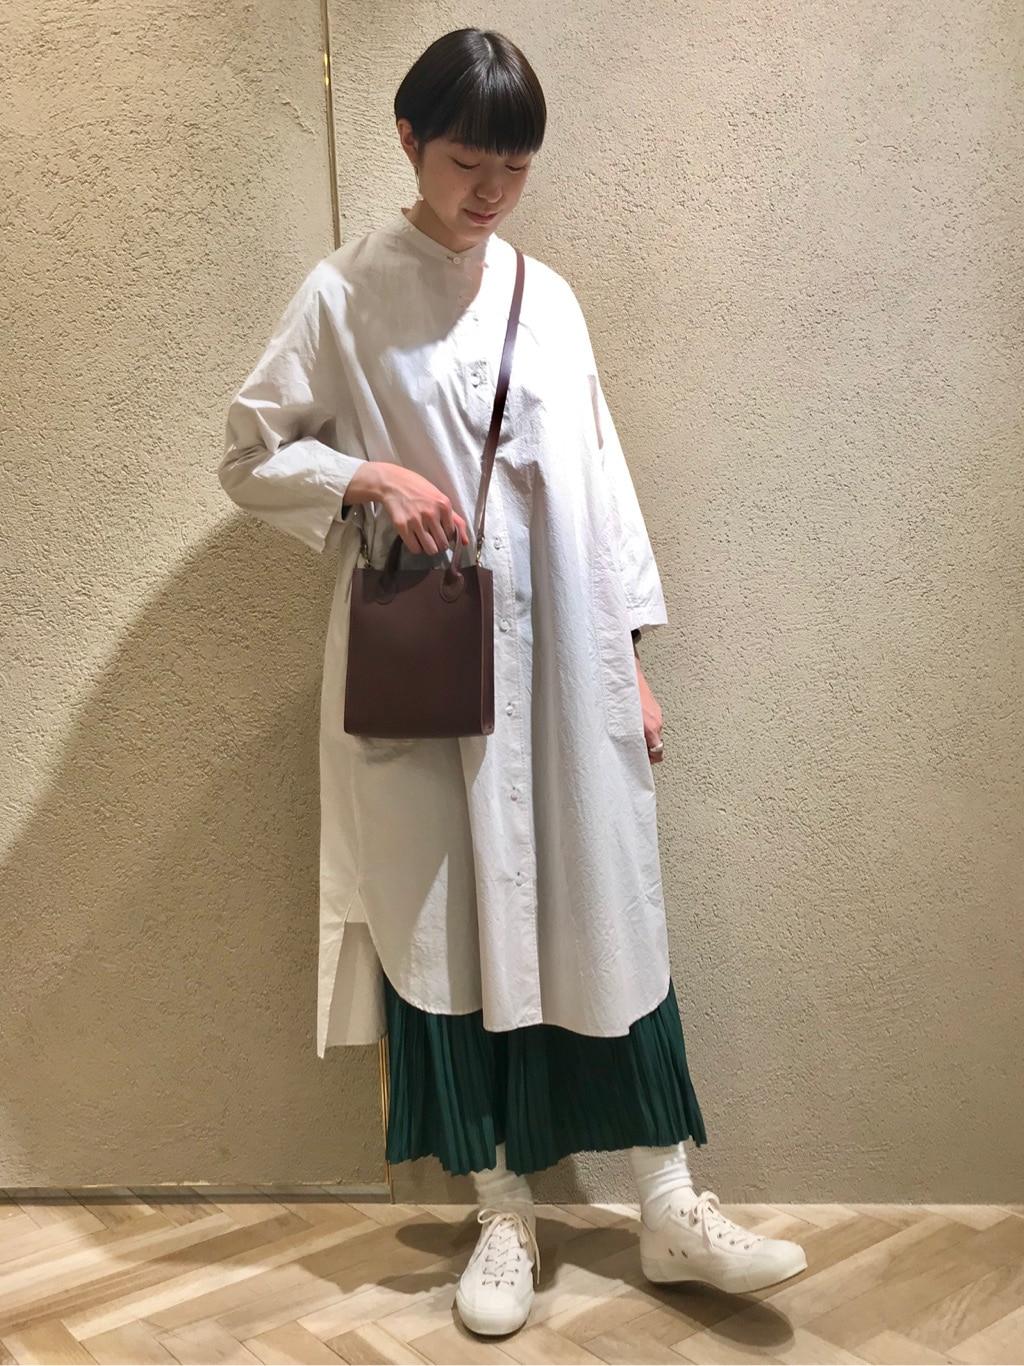 yuni ニュウマン横浜 身長:166cm 2020.12.28